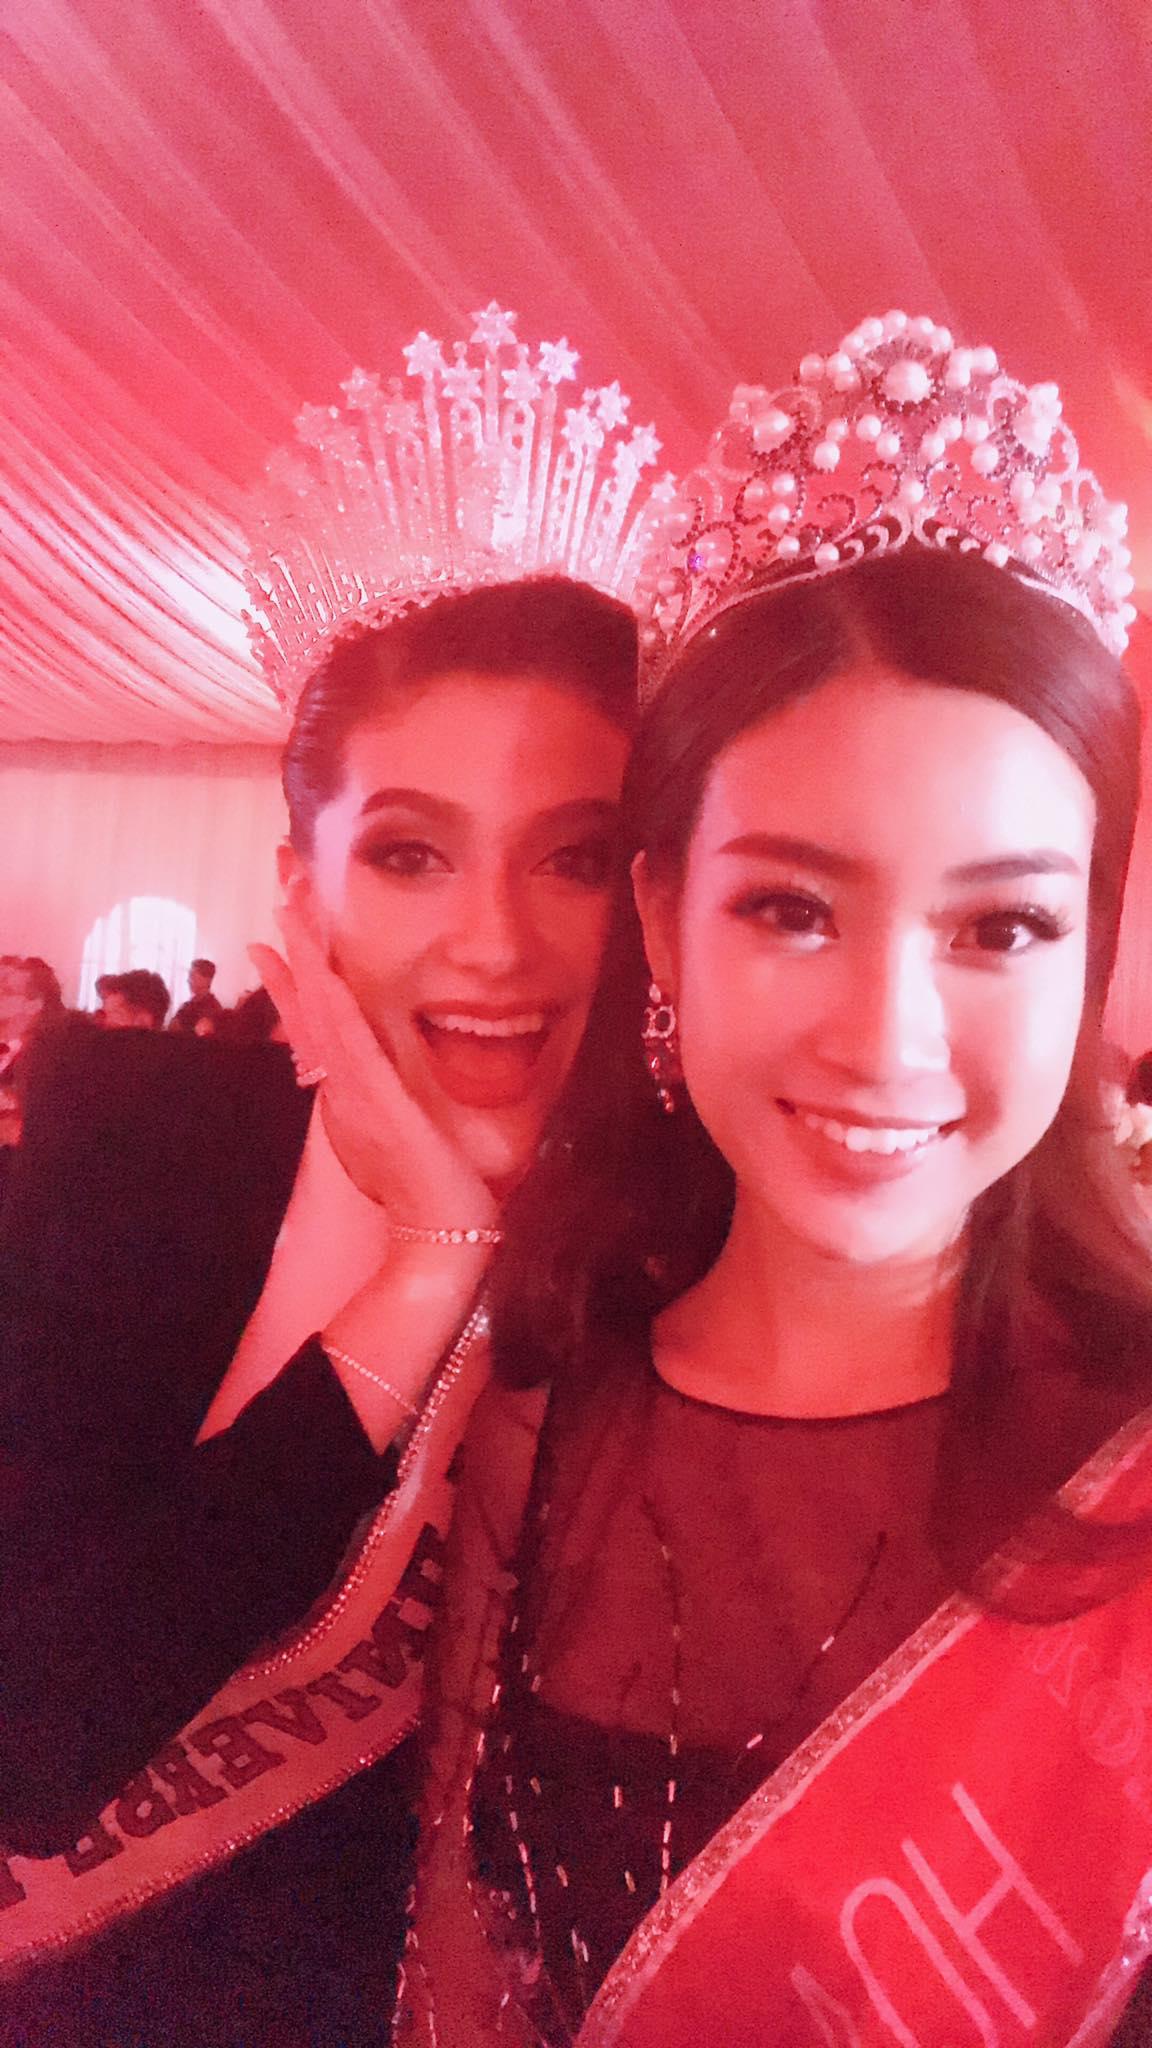 Hoa hậu Mỹ Linh đẹp lấn át Hoa hậu Hoàn vũ thế giới 2015 Pia Wurtzbach 9